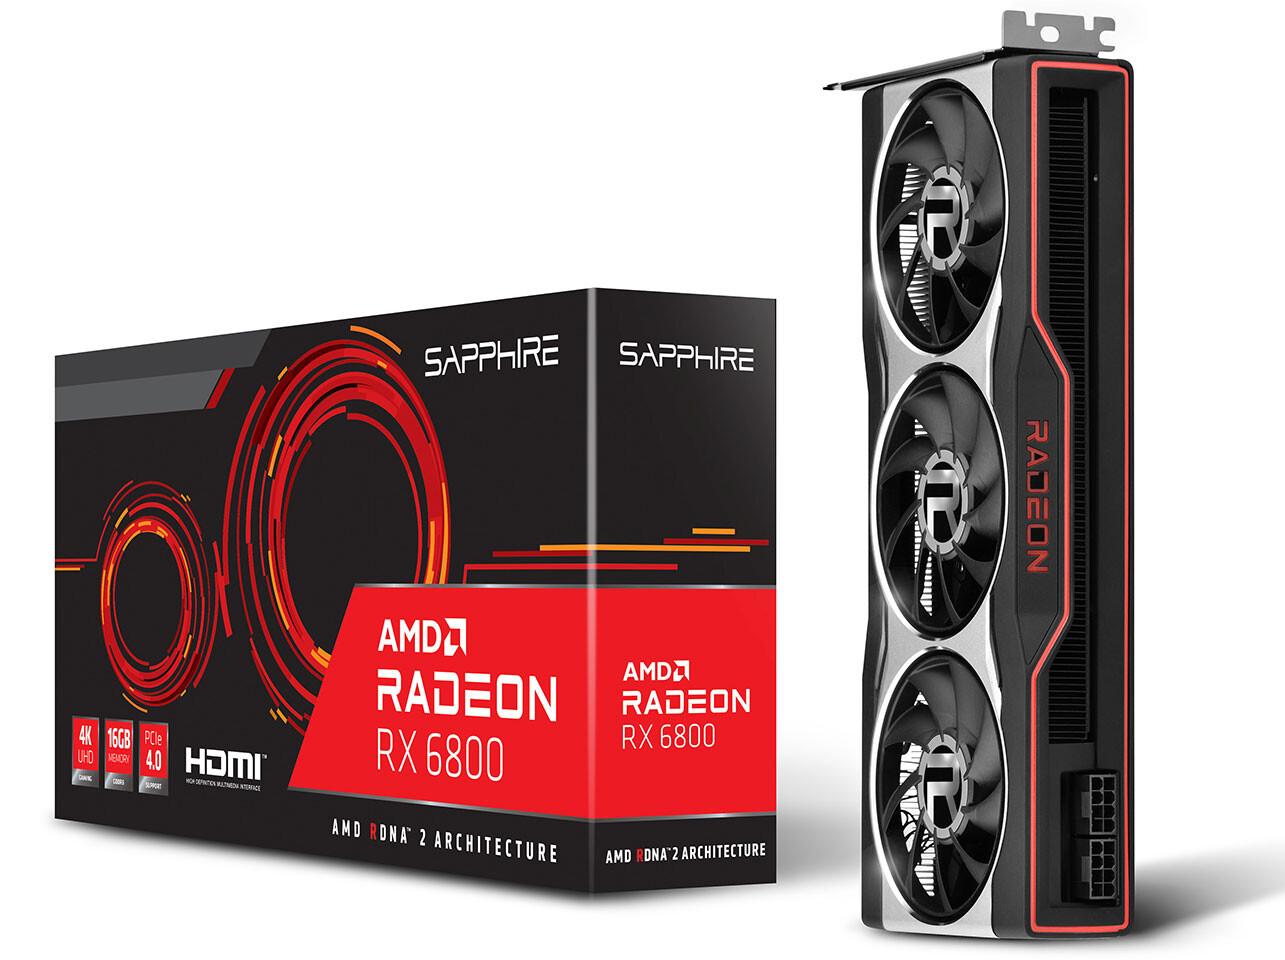 شركة Sapphire تعلن عن بطاقاتها القياسية من سلسلة RX 6000 من شركة AMD